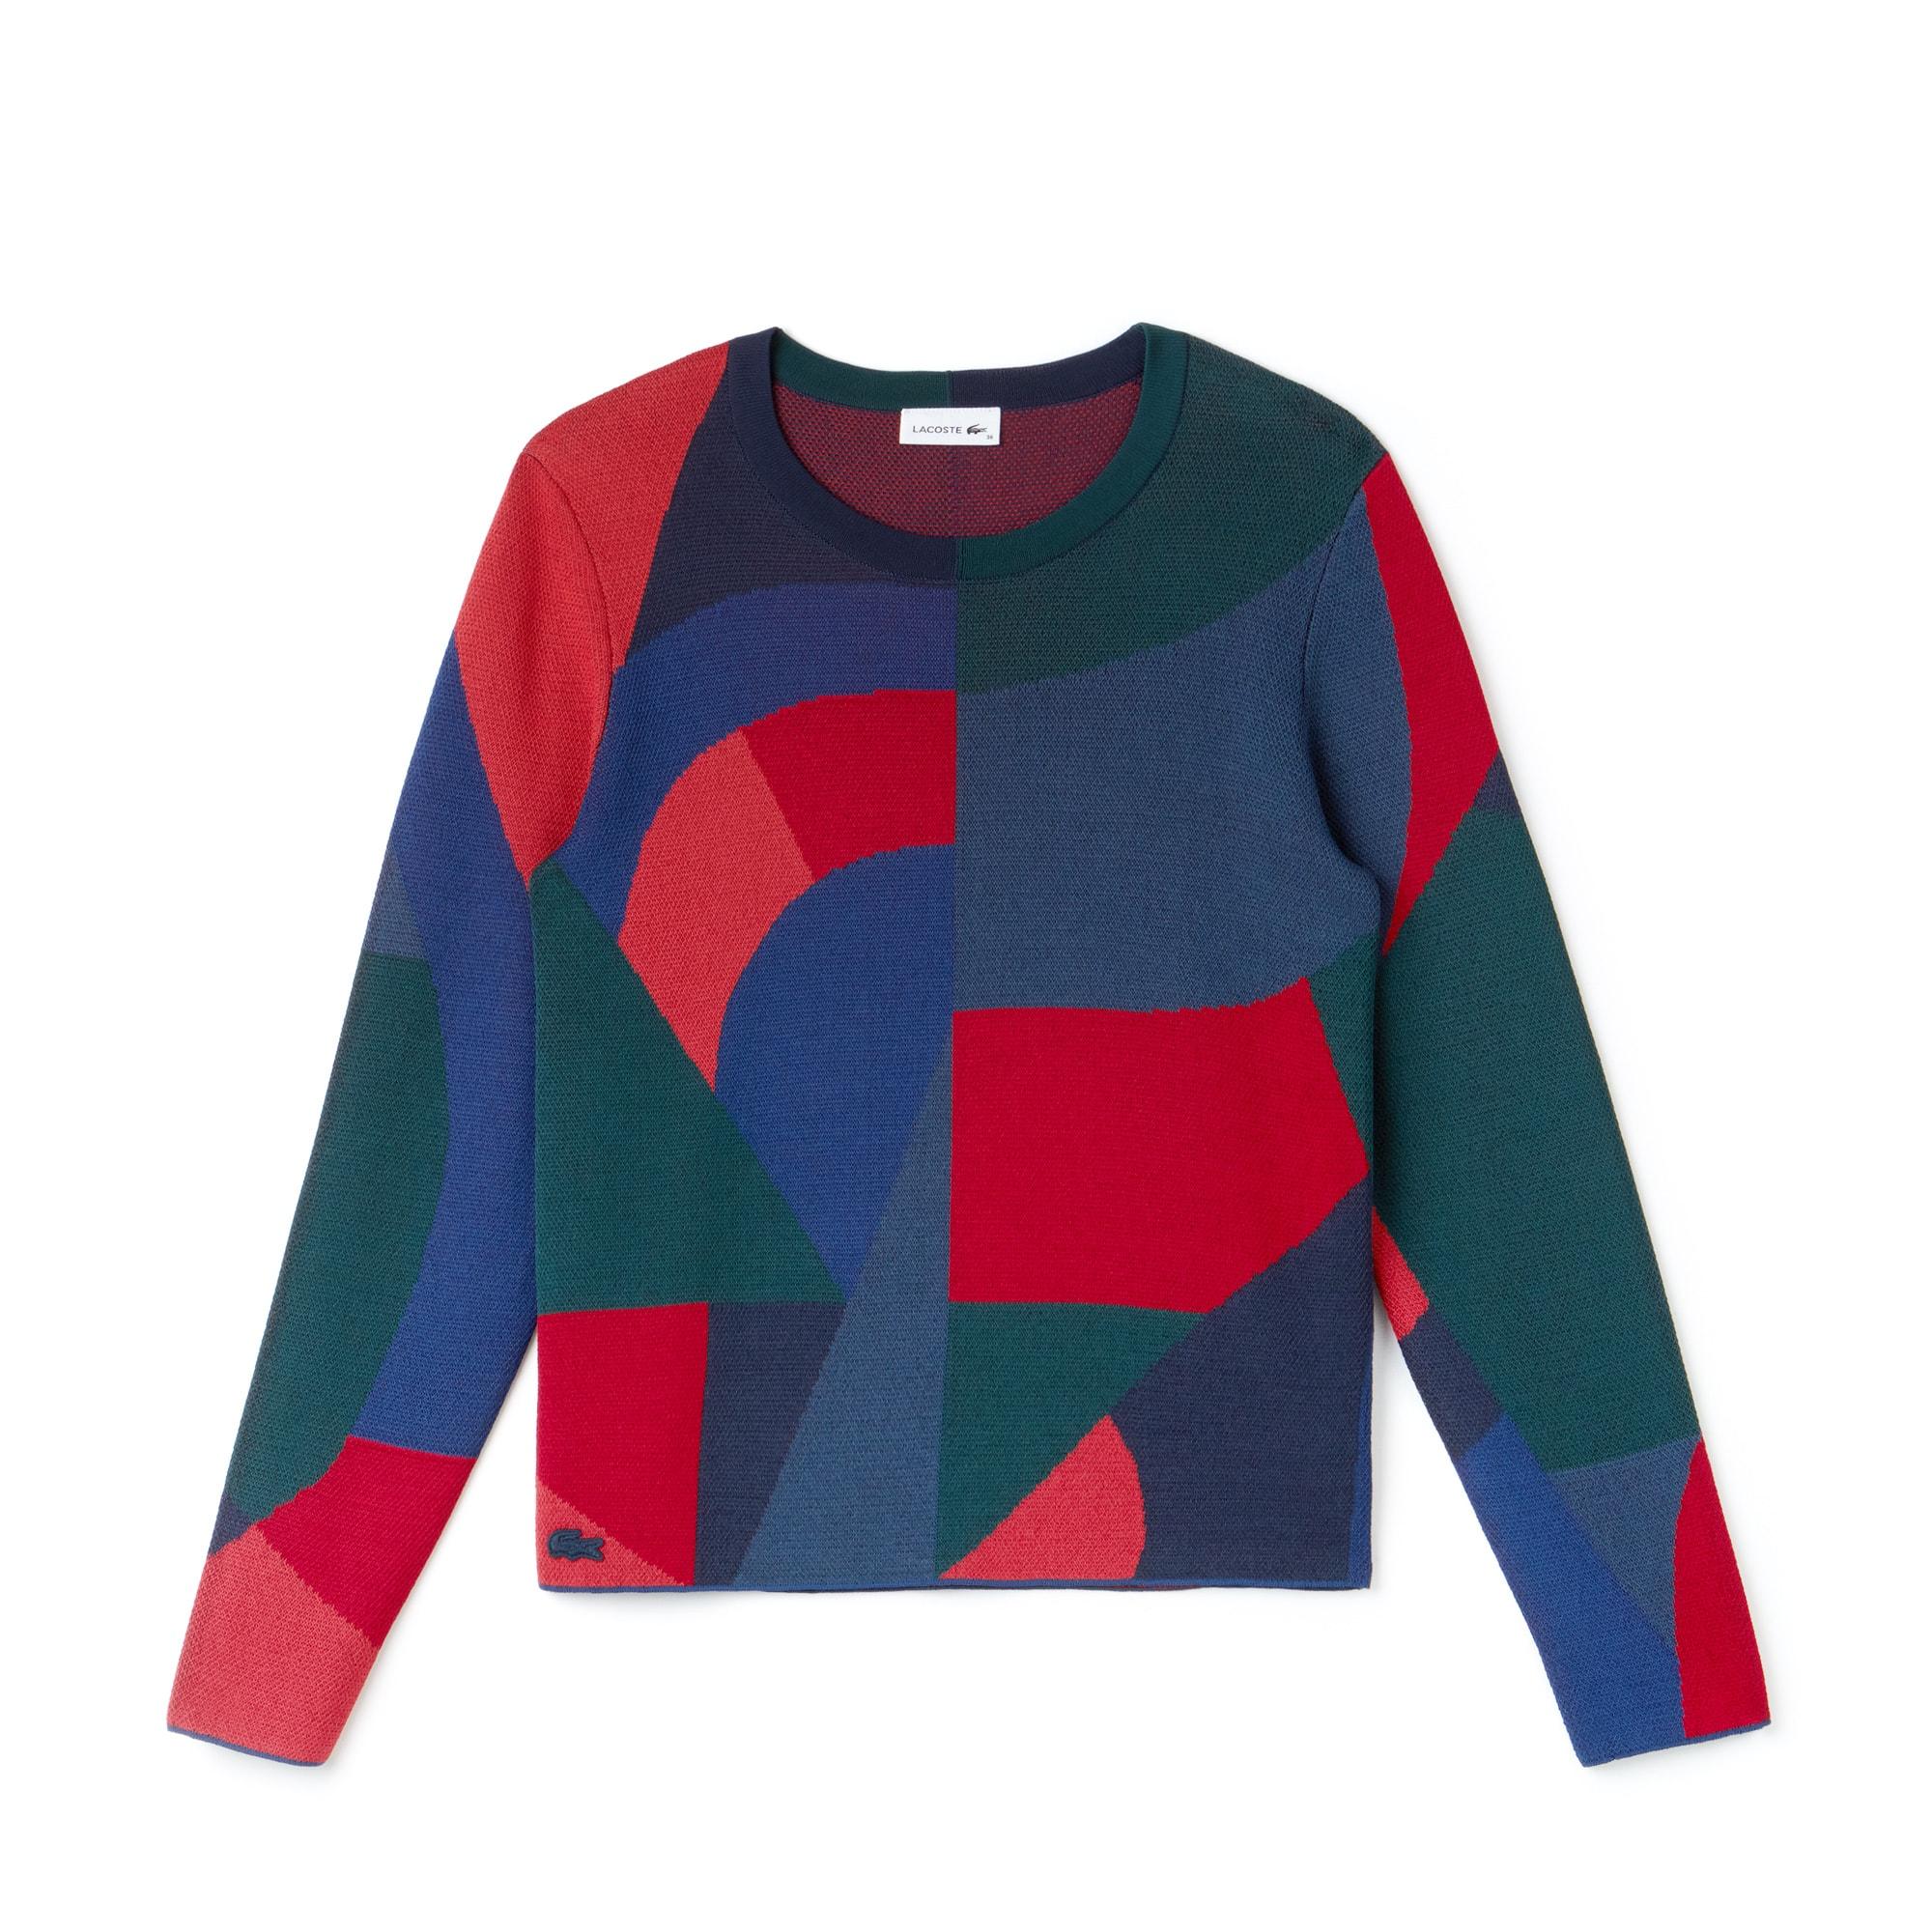 Camisola decote redondo em jacquard com impressão color block